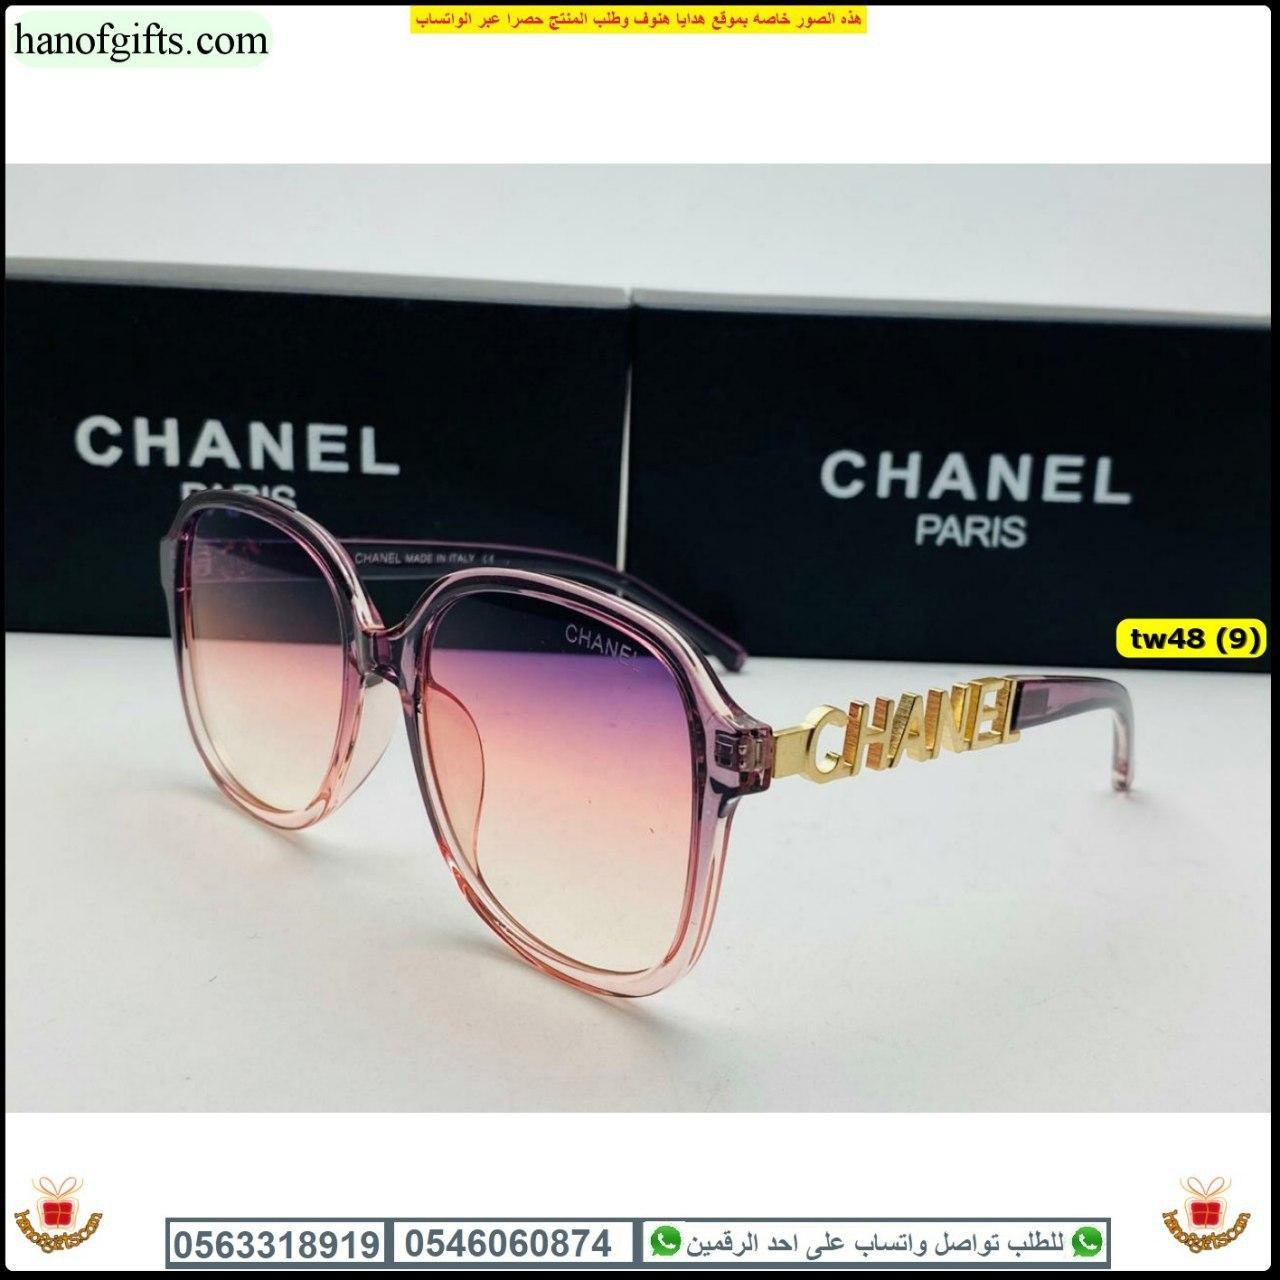 نظارات شانيل شمسية